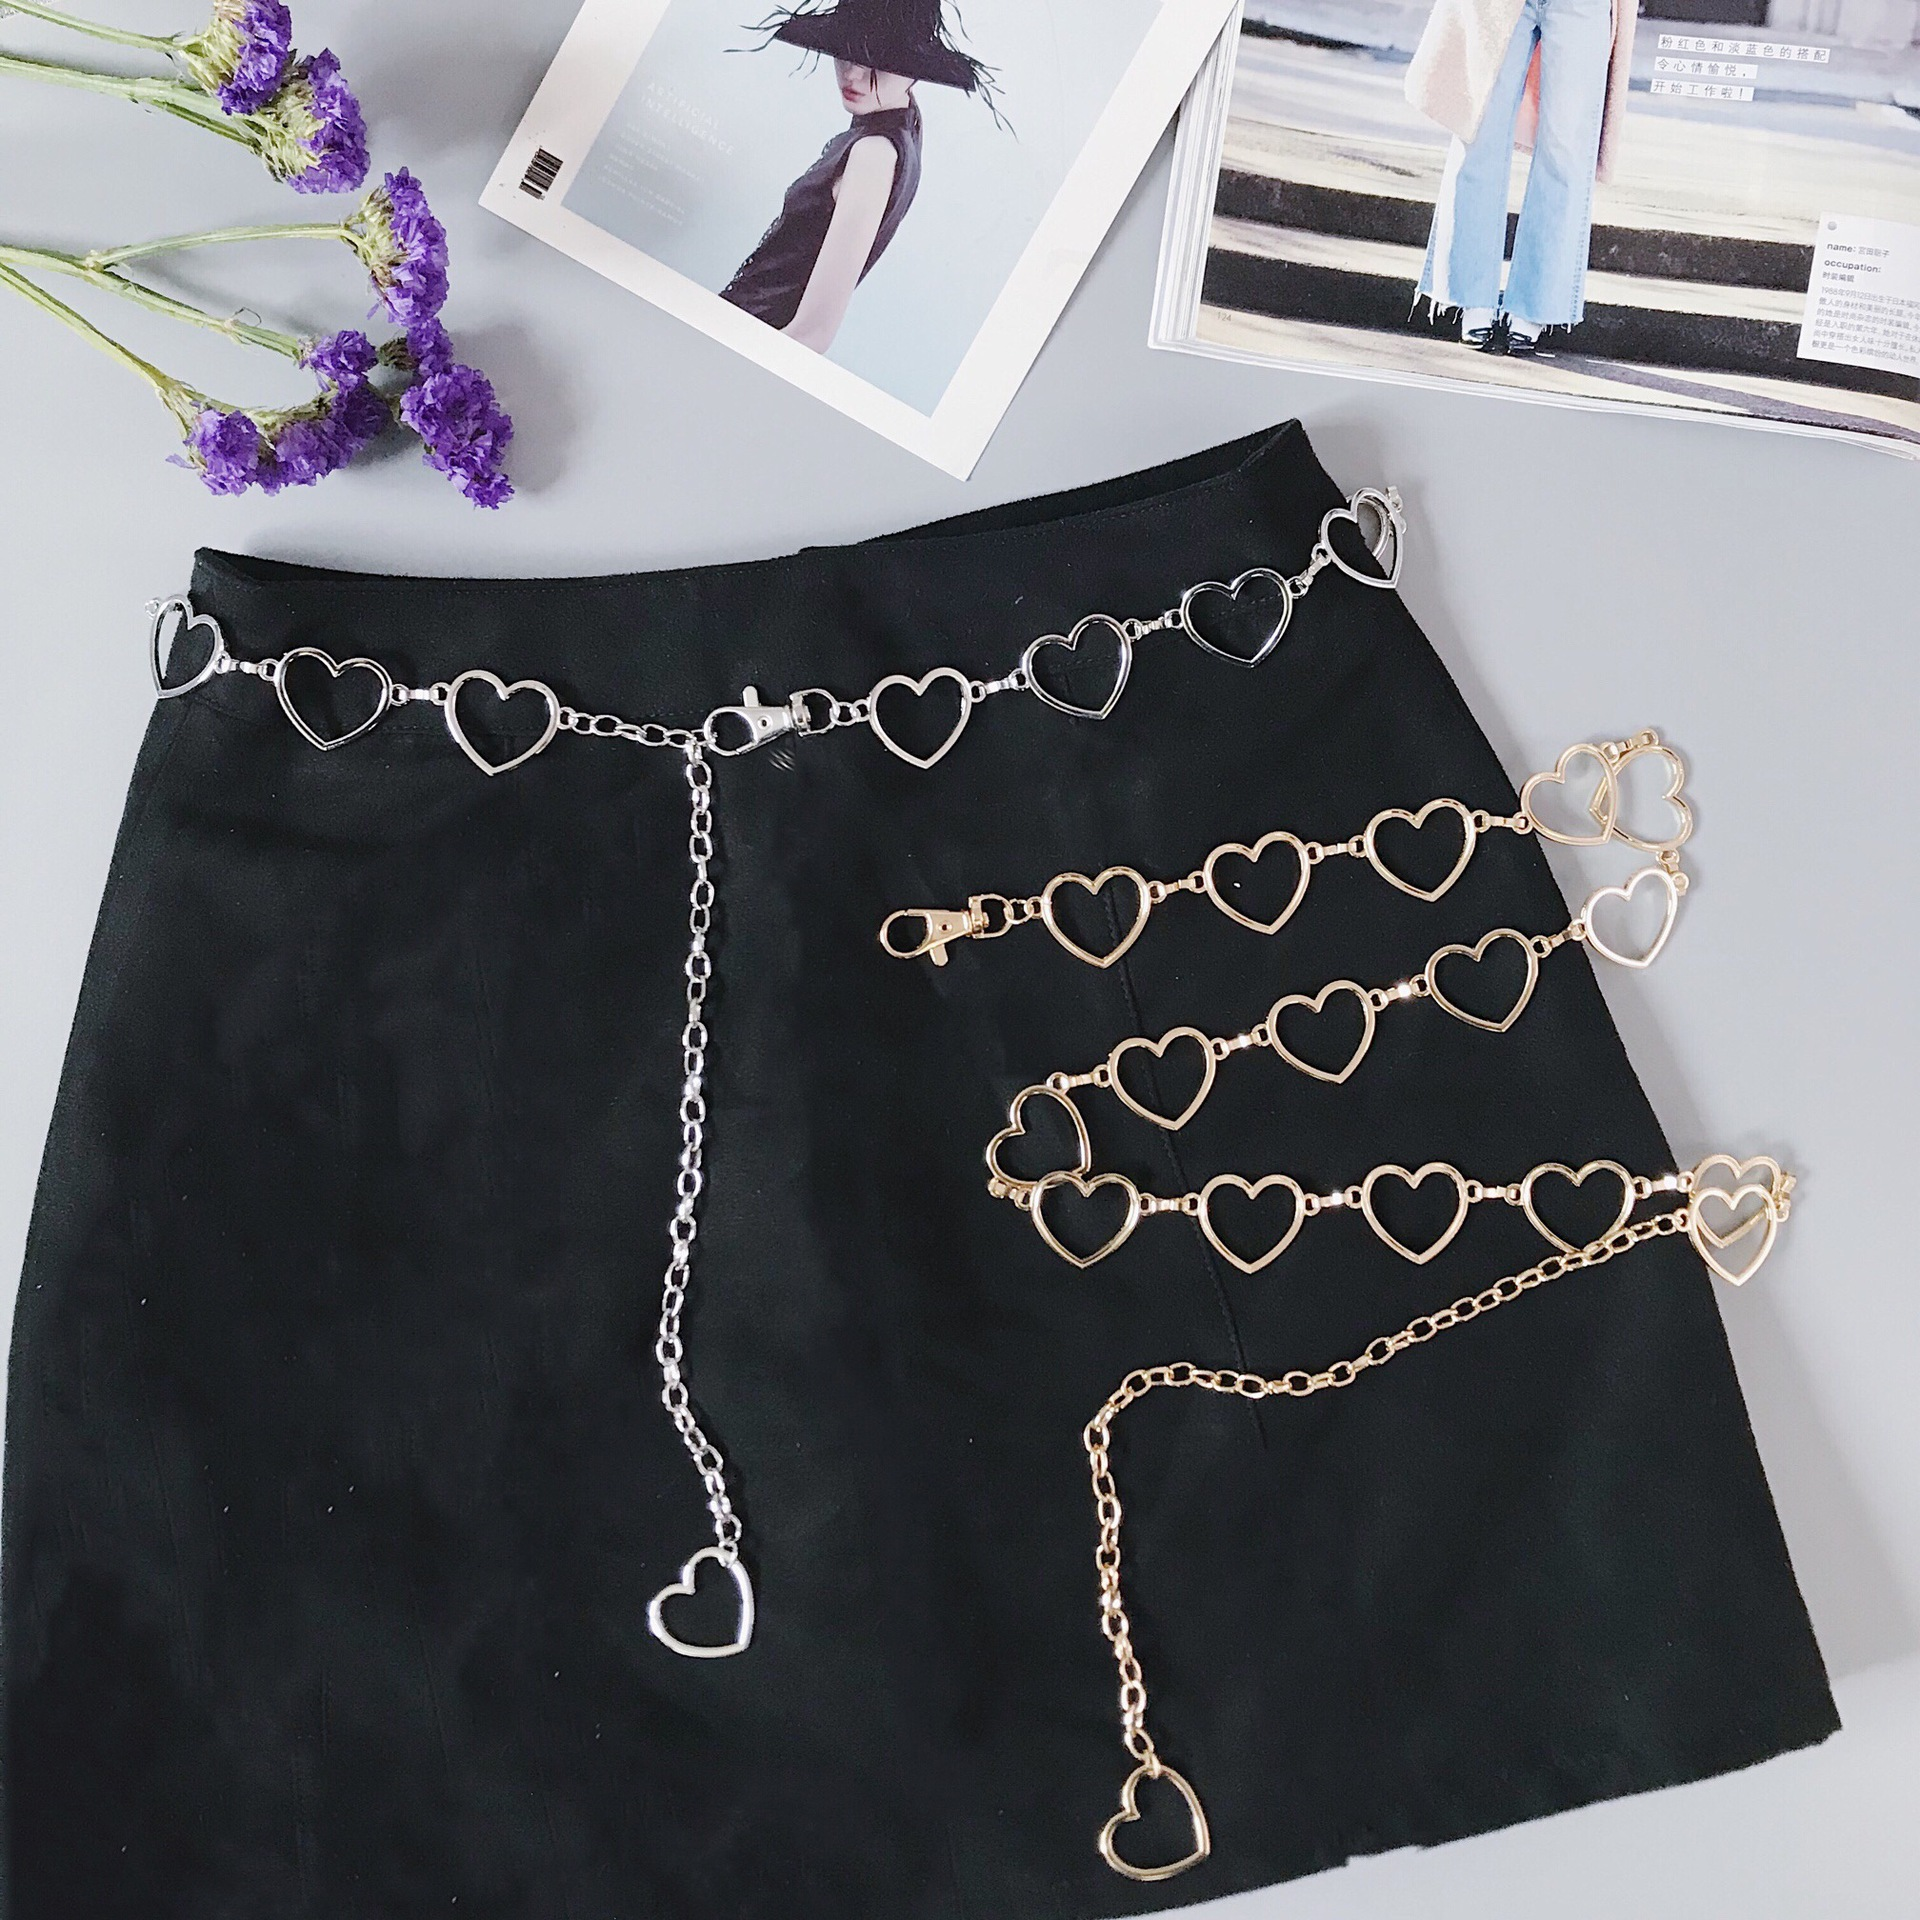 0e2d3868-427f-41de-9335-a59cb7e4a350 Heart Shaped Belt Chain Women Fashion Circle Metal Waist Chain